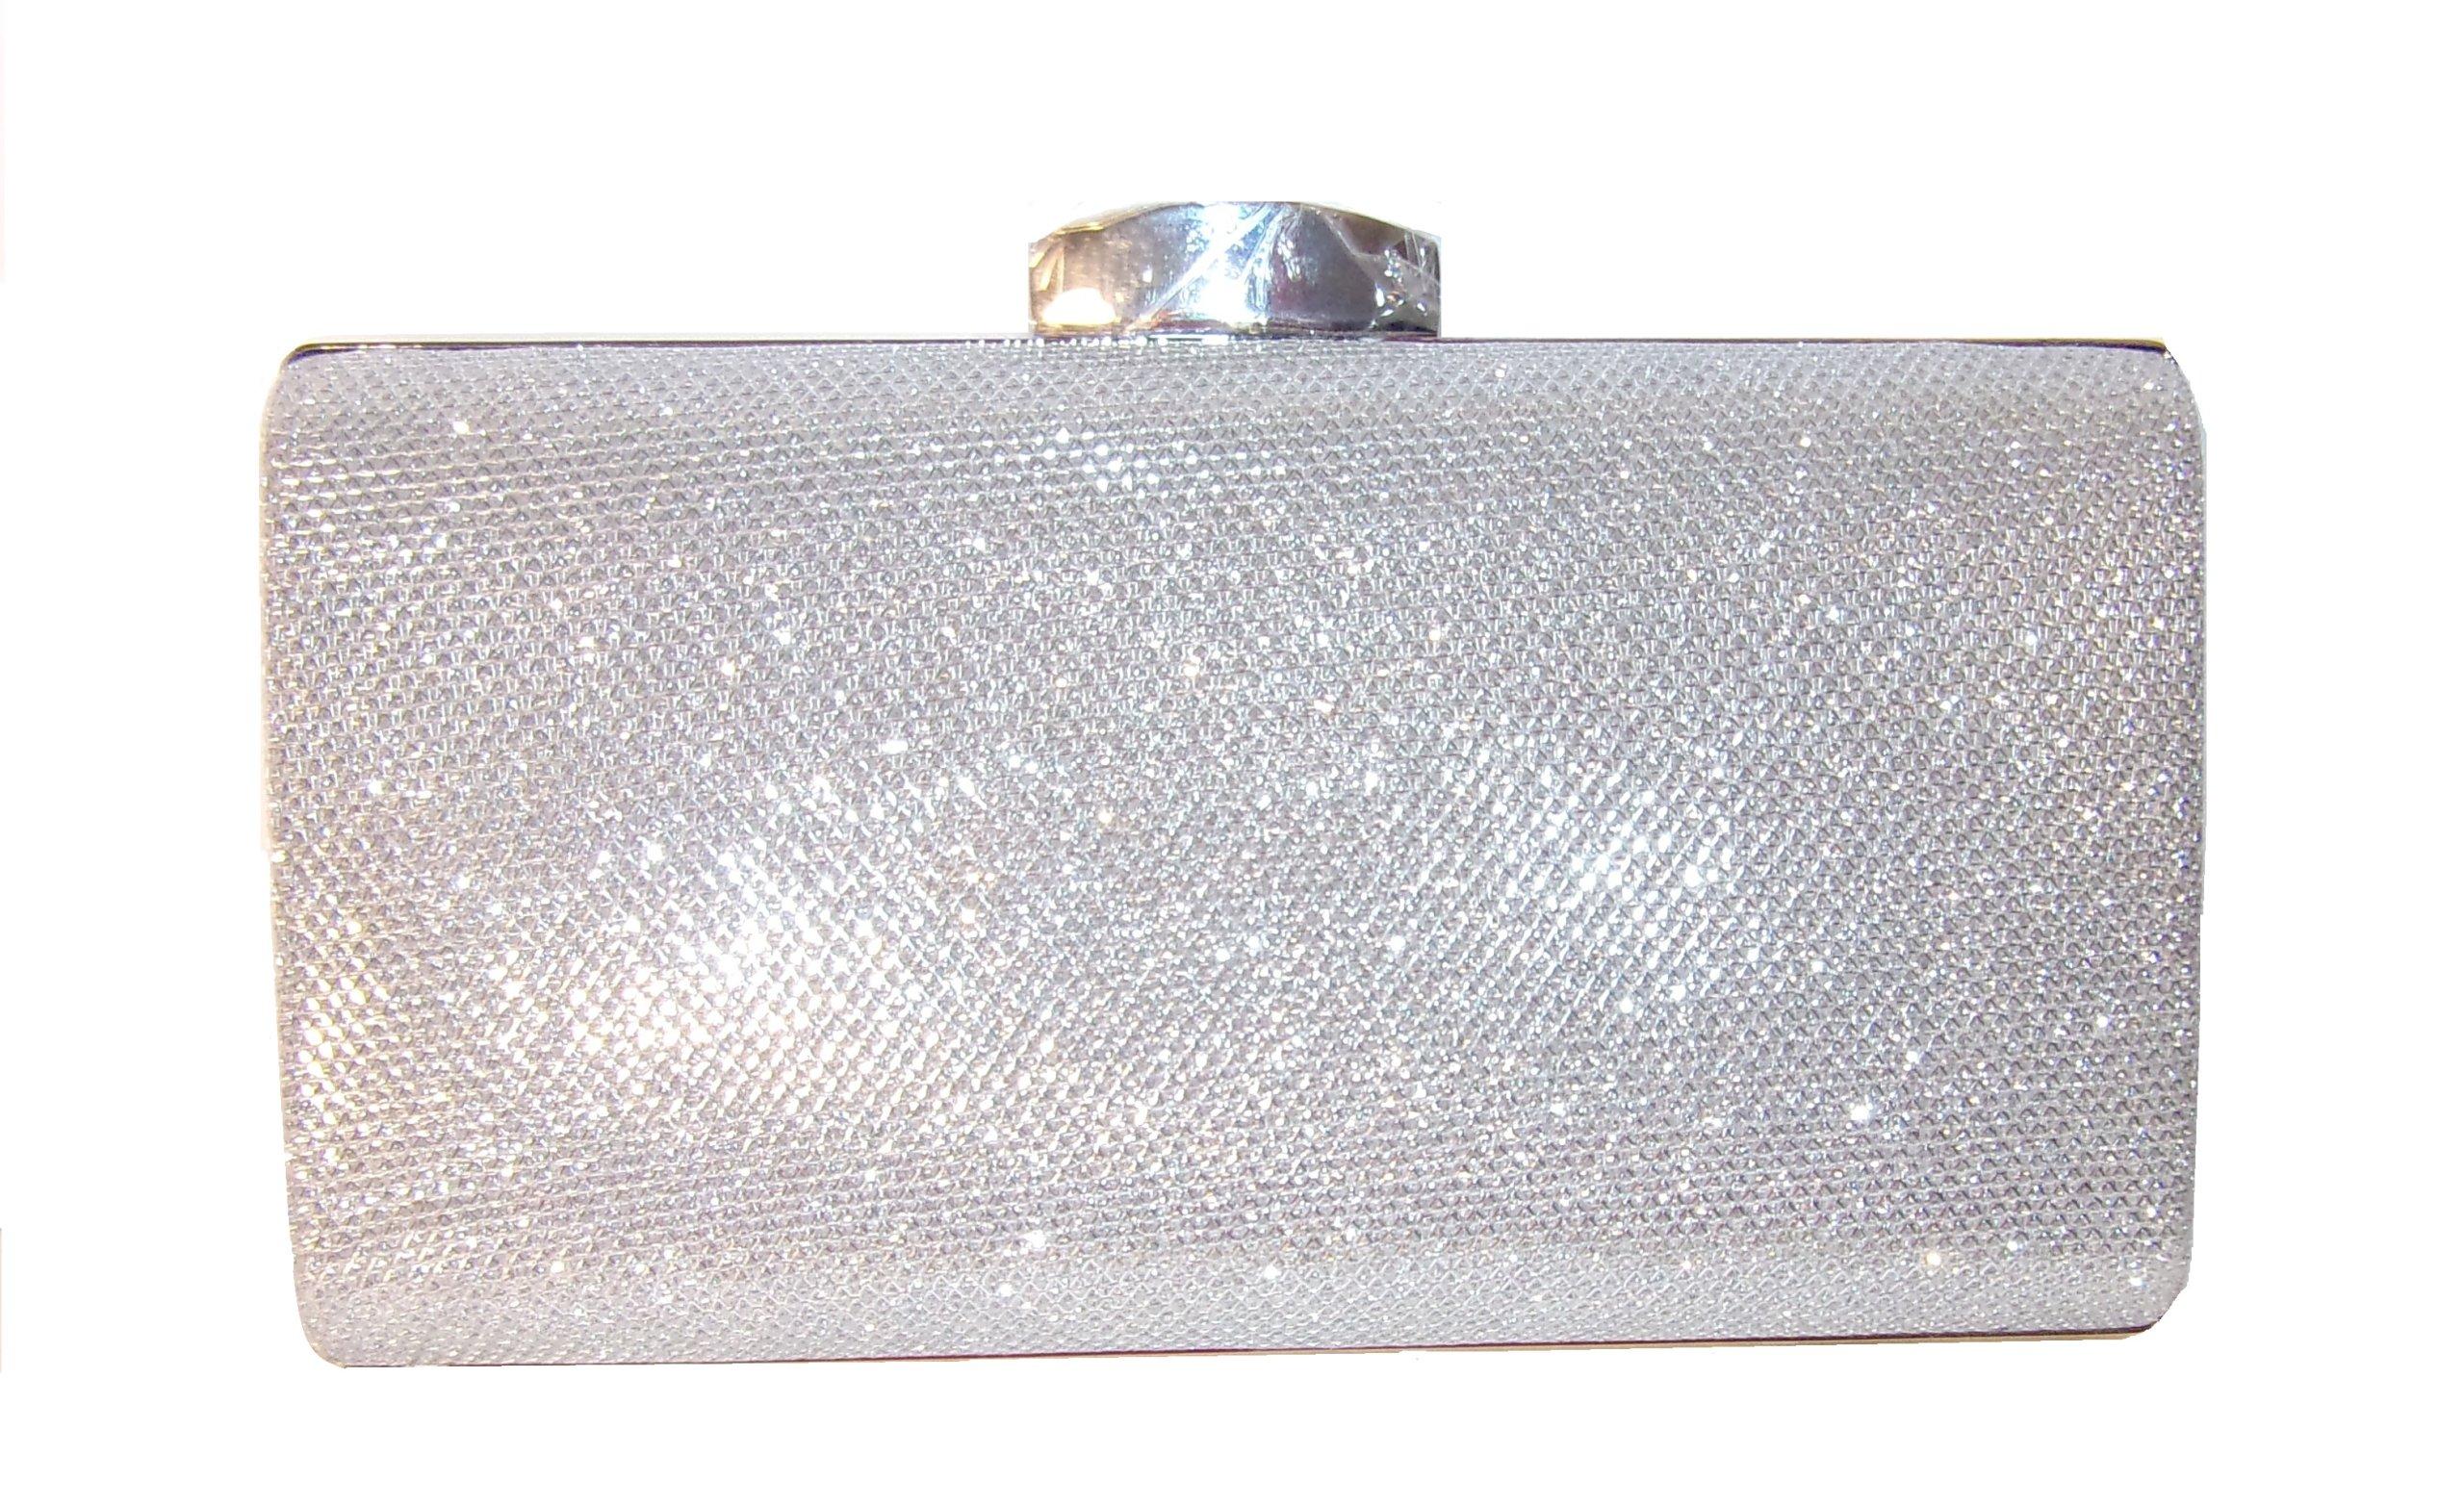 e9dbea1235056 srebrna torebka wieczorowa wizytowa - 7408718479 - oficjalne ...